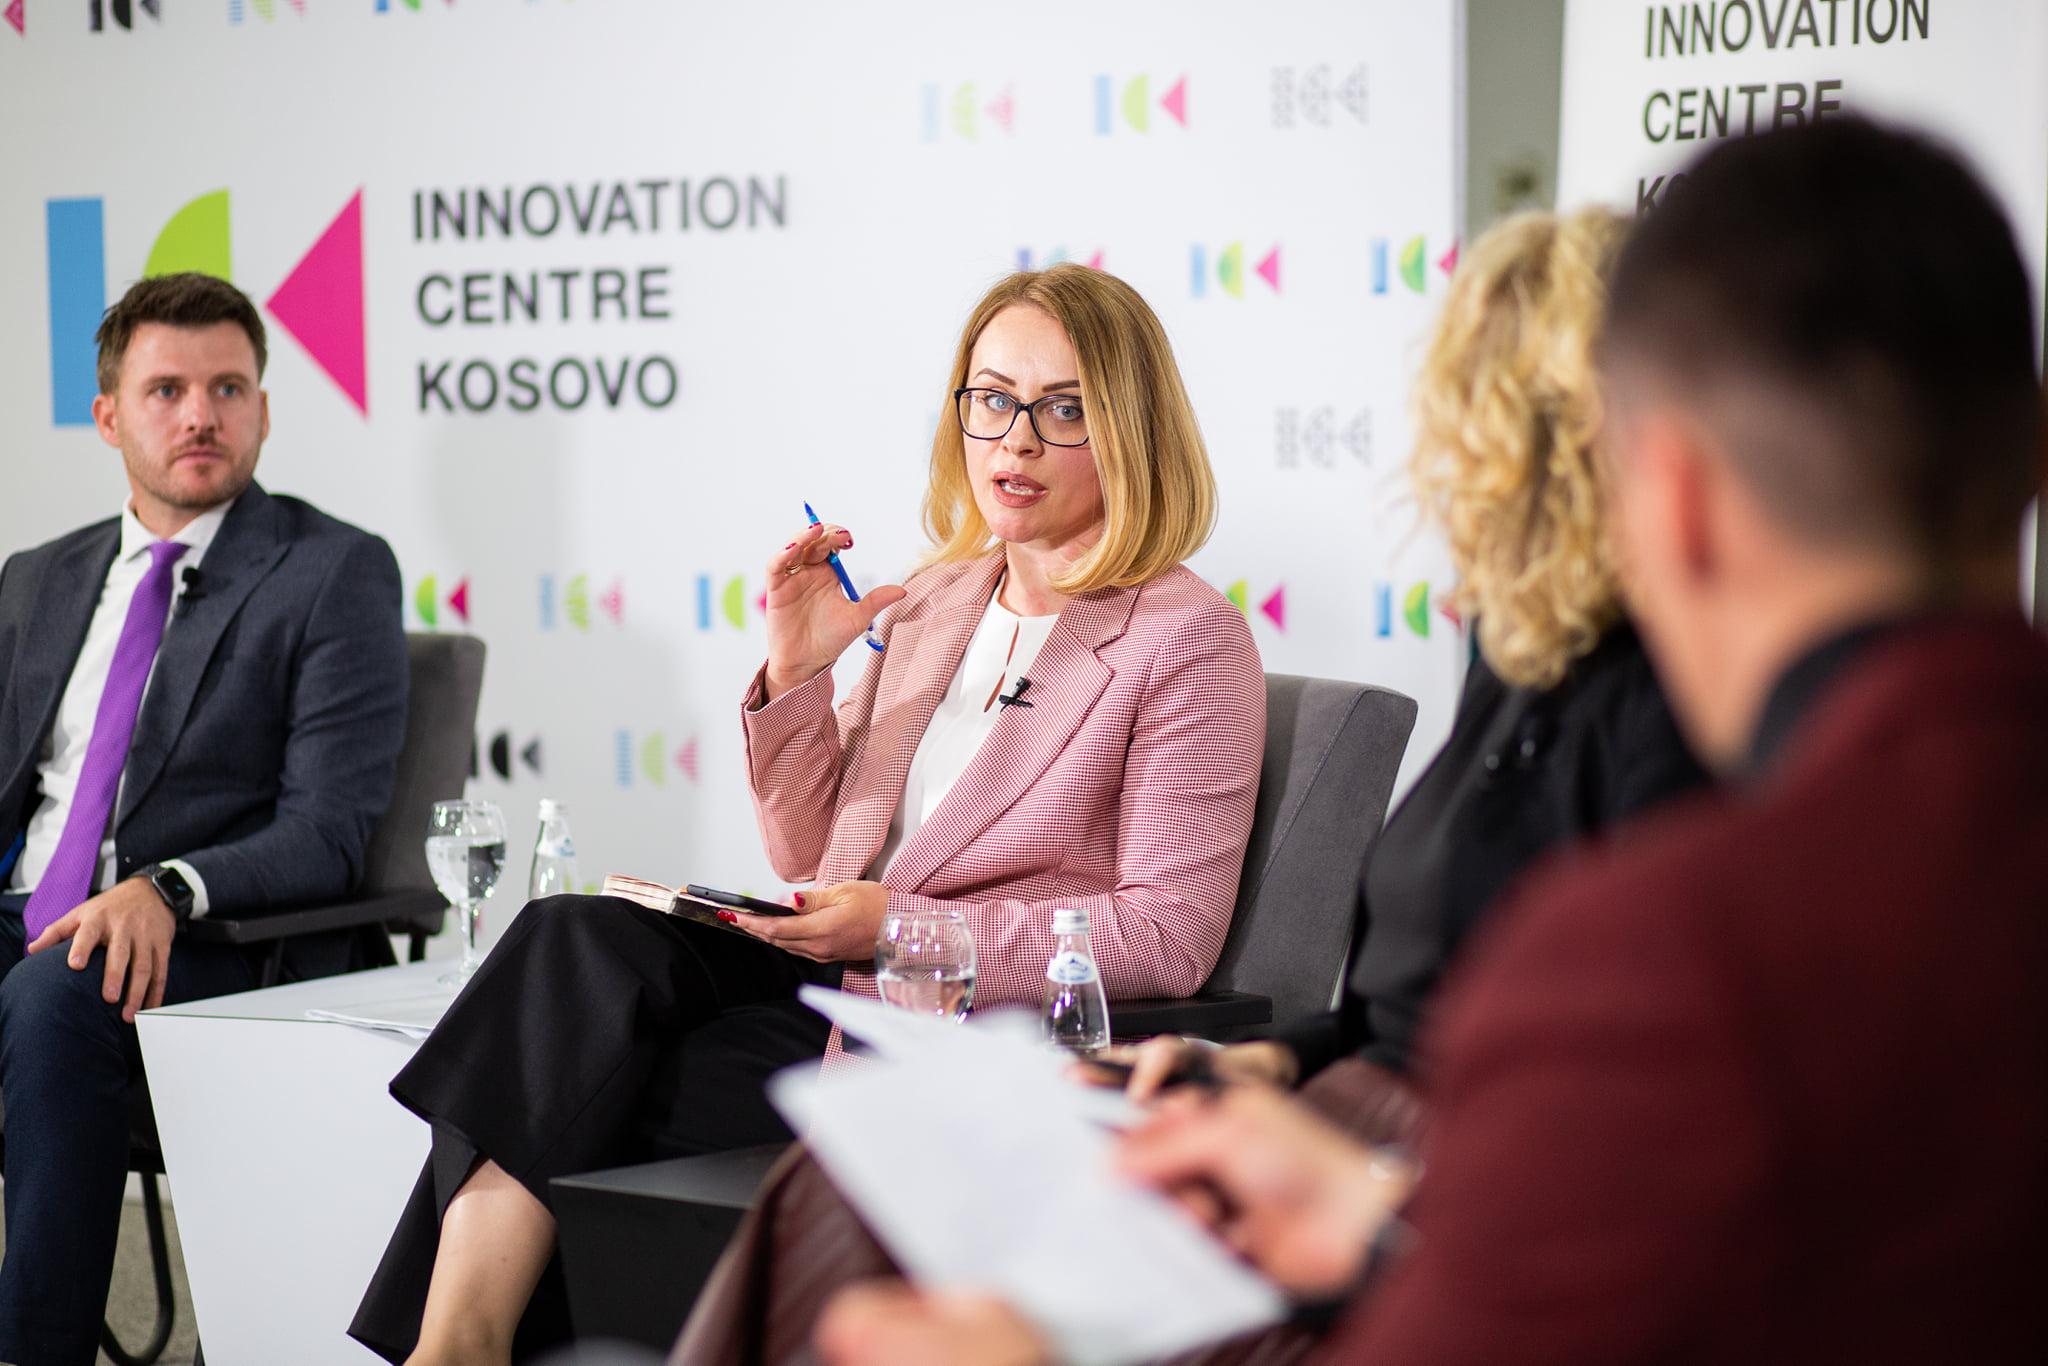 USAID Kosovo & ICK marked World Intellectual Property Day